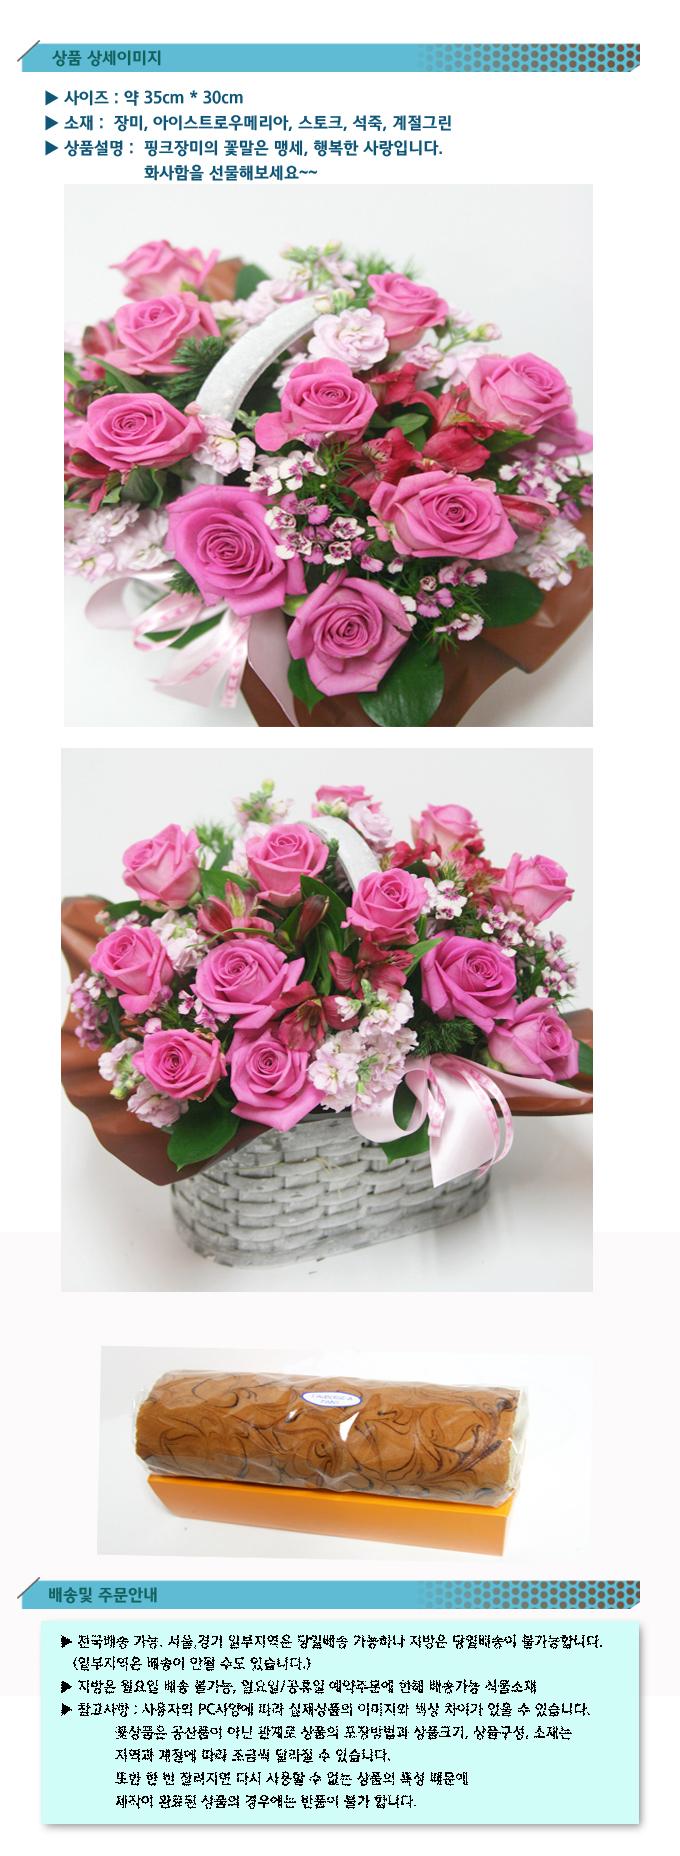 핑크핑크+ 롤케익 1종